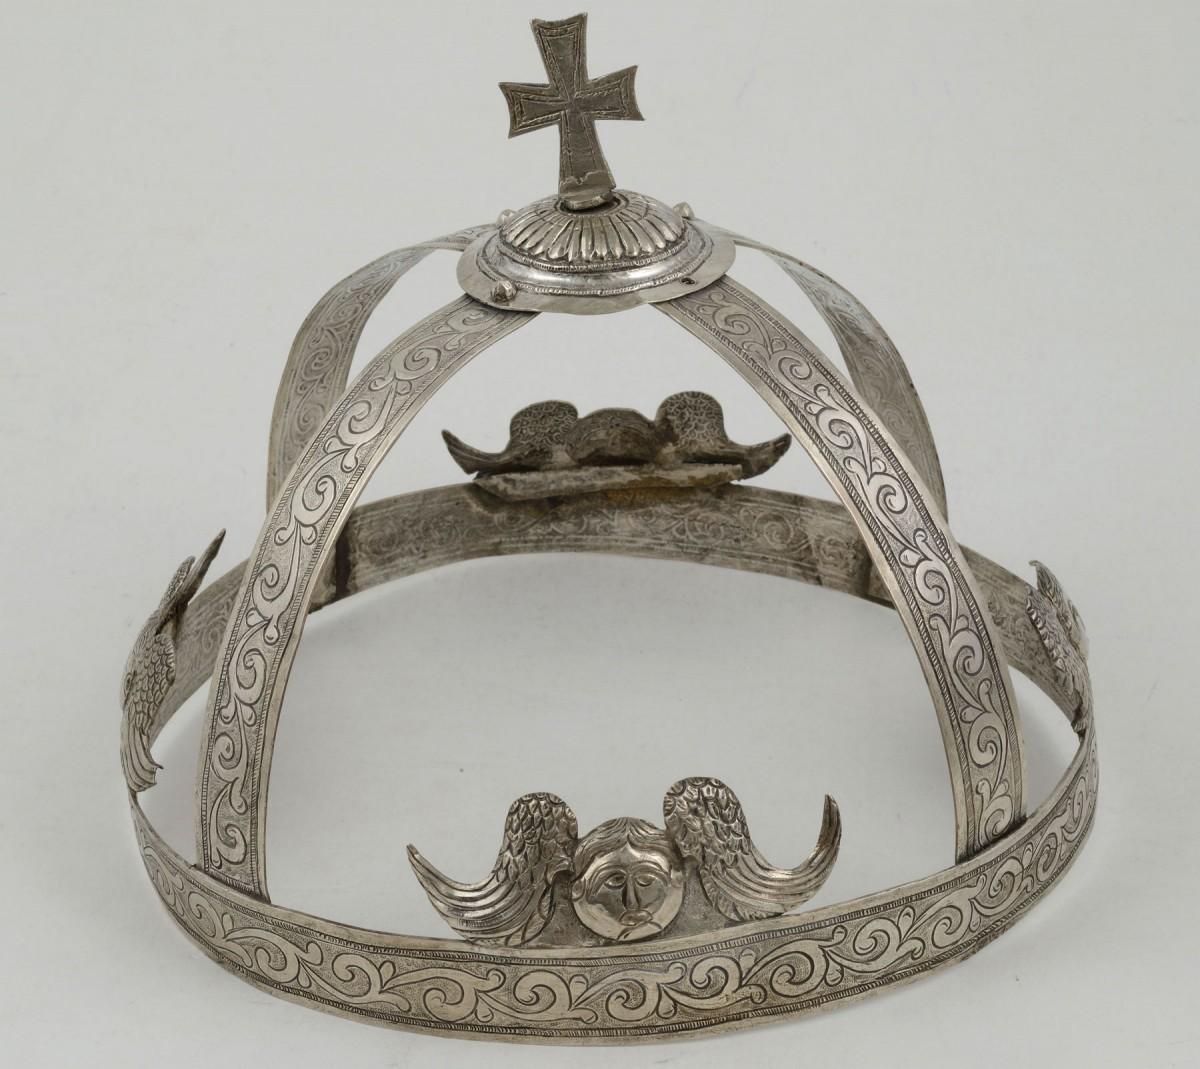 Στέφανα γάμου. 19oς αιώνας. Συλλογή Βαλαδώρου, Μουσείο Μπενάκη.